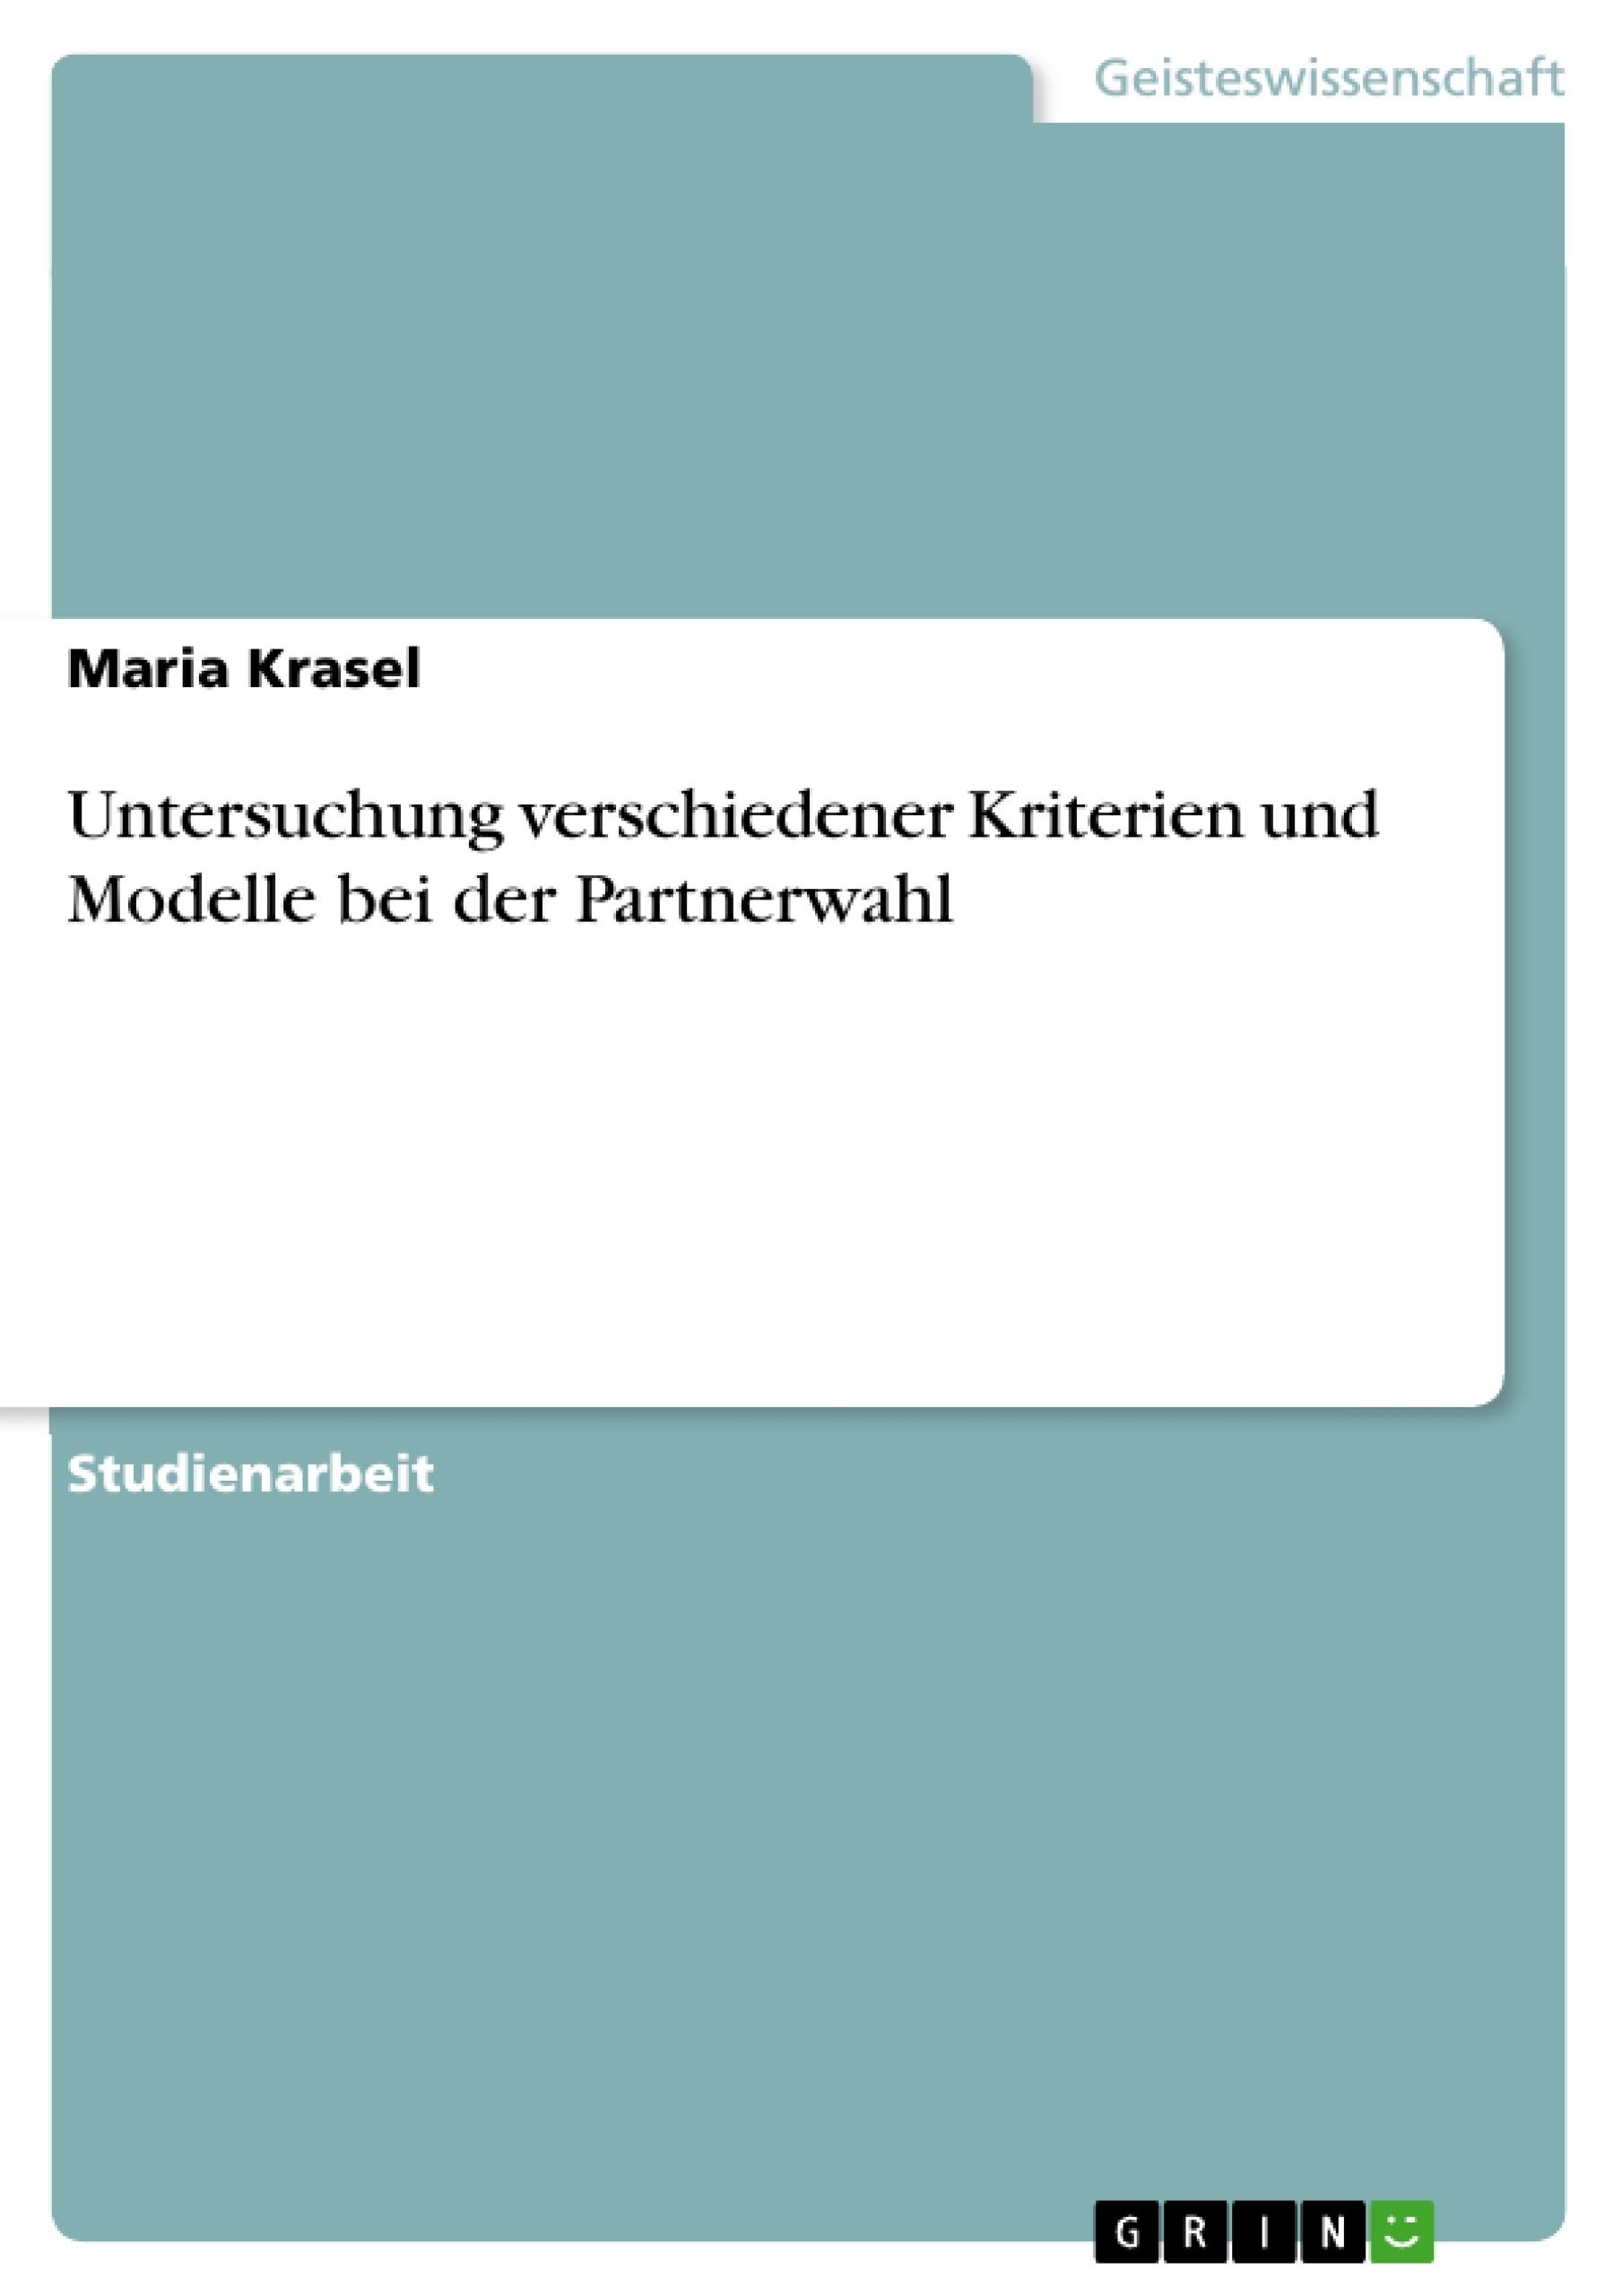 Titel: Untersuchung verschiedener Kriterien und Modelle bei der Partnerwahl